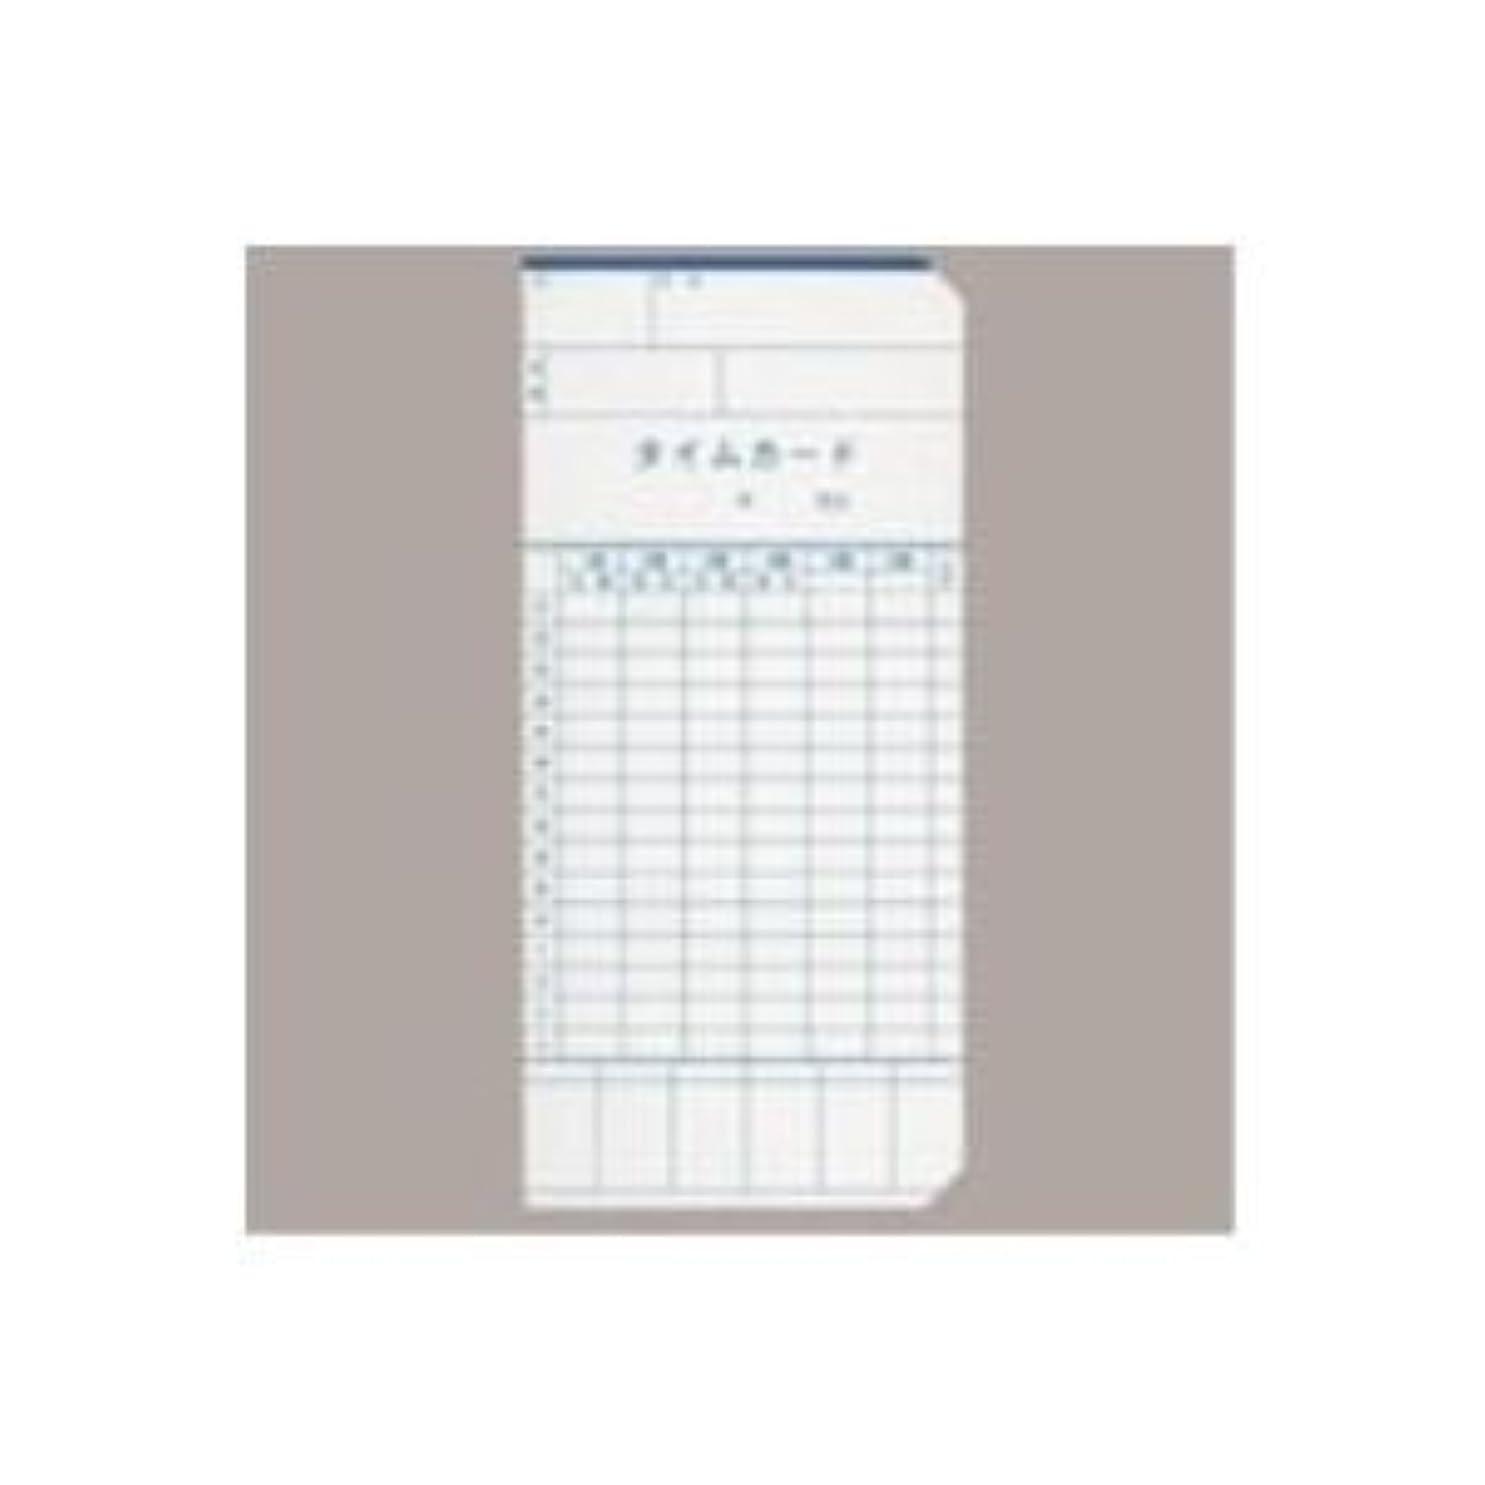 人物倒産同行(業務用3セット)セイコー タイムカード H-31 100枚 ds-1470624